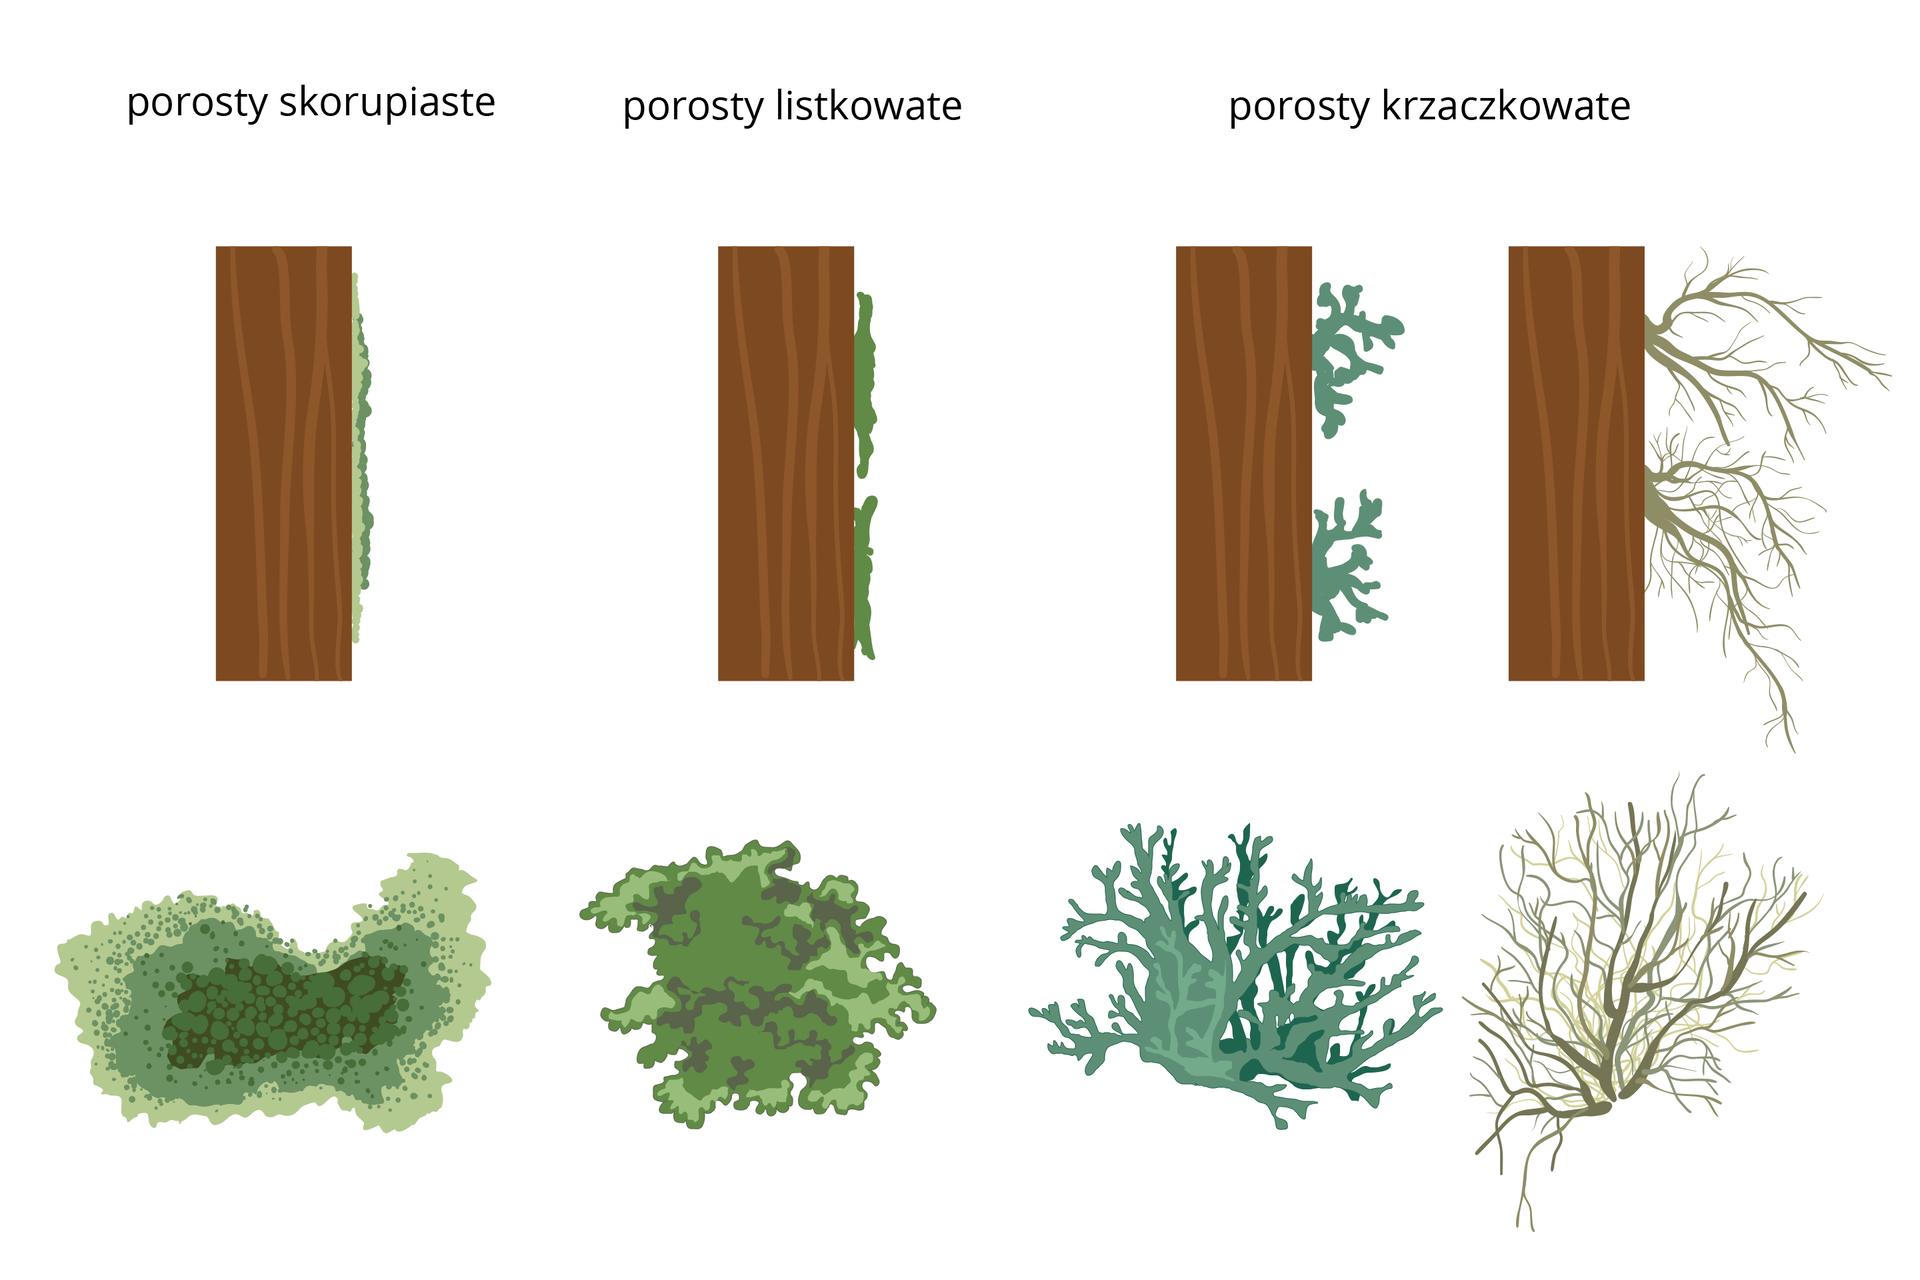 """Ilustracja przedstawia schematycznie cztery brązowe pnie drzew. Na ich prawej stronie ukazano szaro zielone kształty, przedstawiające porosty zboku. Rysunki plech porostów znajdują się pod odpowiednimi pniami drzew. Pierwszy zlewej to porost skorupiasty. Ma kształt nieregularnego placka zplamkami wjaśniejszych iciemniejszych odcieniach. Drugi to porost listkowaty, wkształcie zielonej, płaskiej kępki. Trzeci to niebieskawy porost krzaczkowaty ogrubych """"gałązkach"""". Ostatni zprawej to też porost krzaczkowaty, ale ocienkich idługich """"gałązkach""""."""